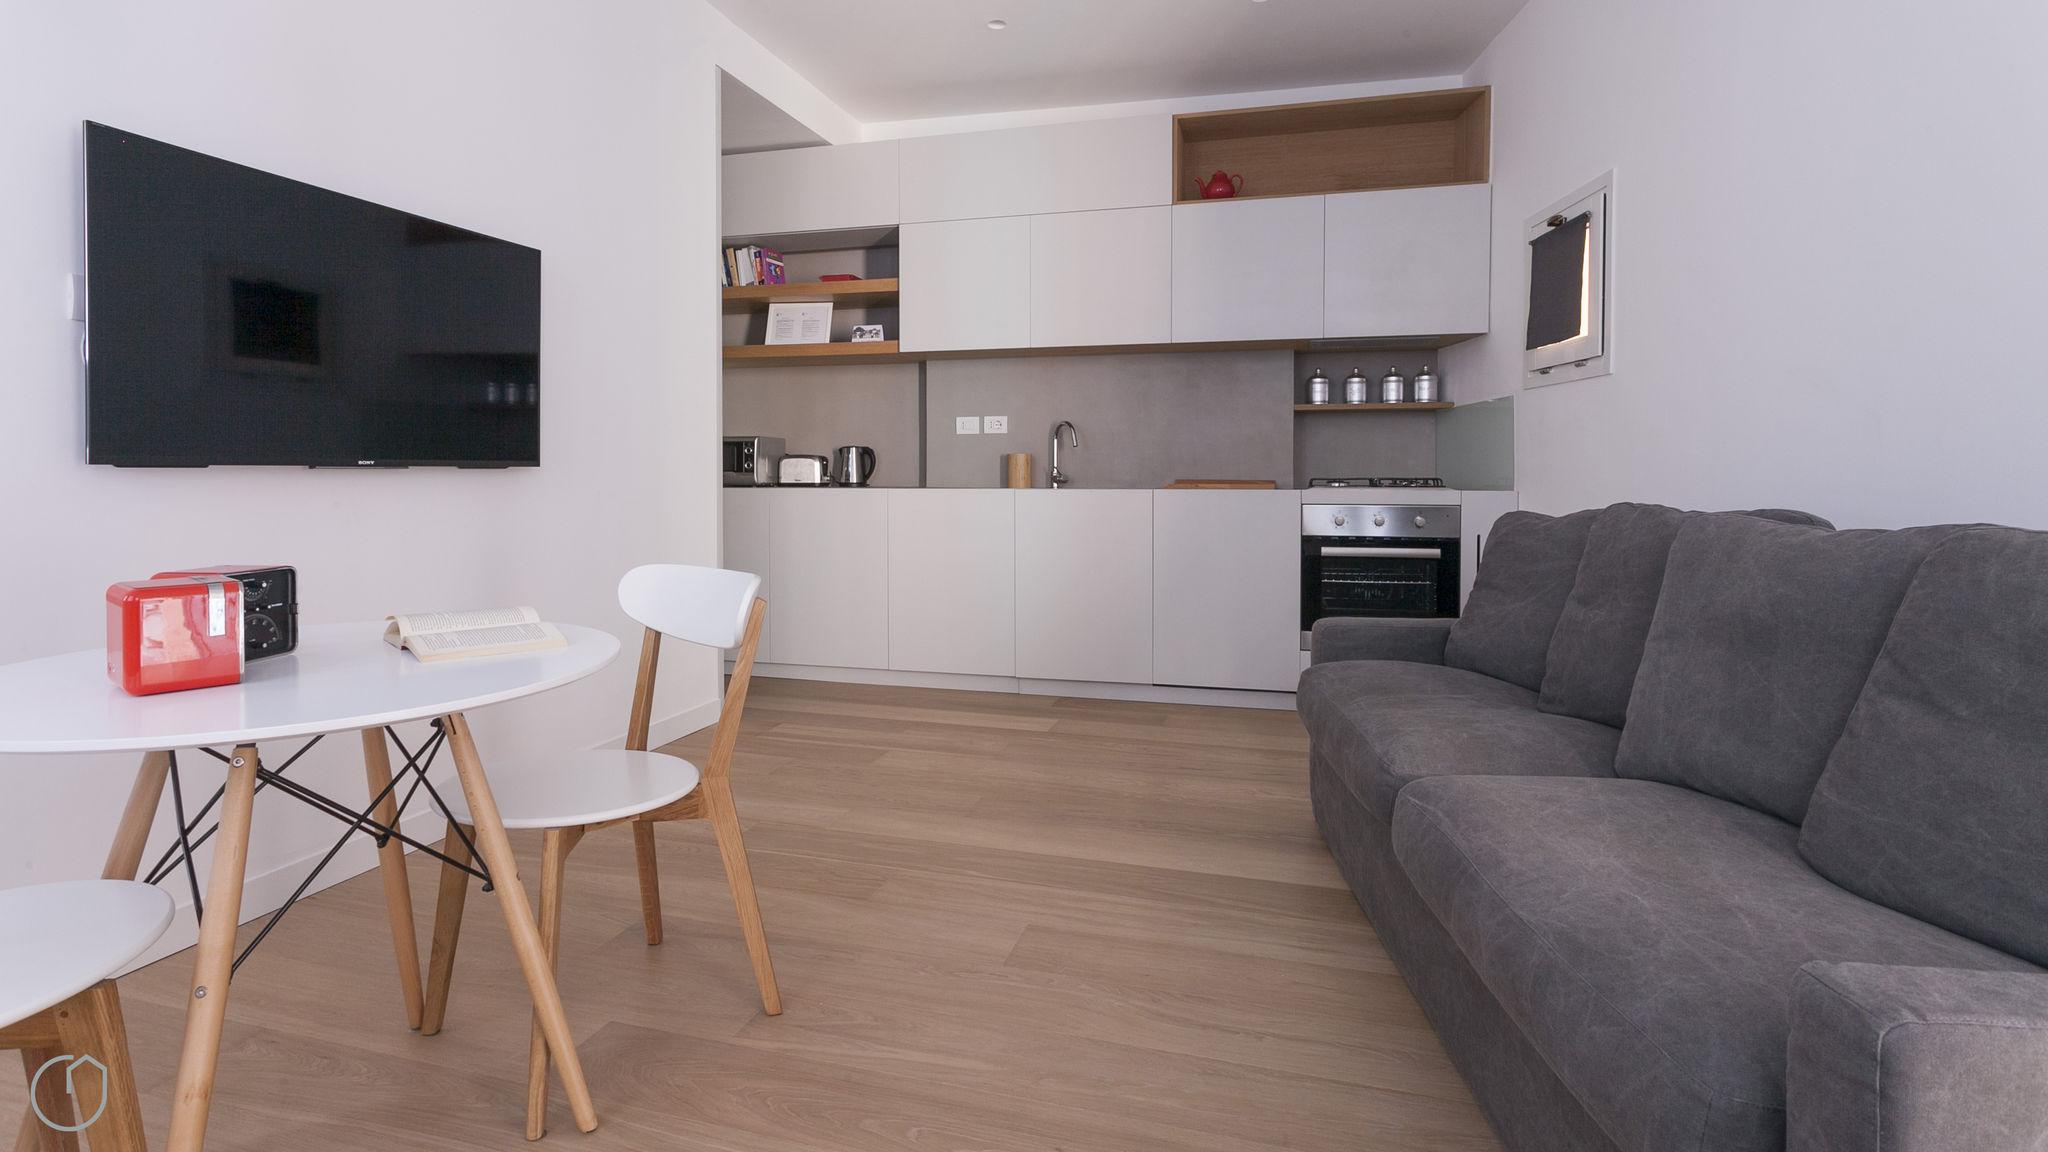 Corso interior design milano simple corso interior design for Design seminterrato non finito